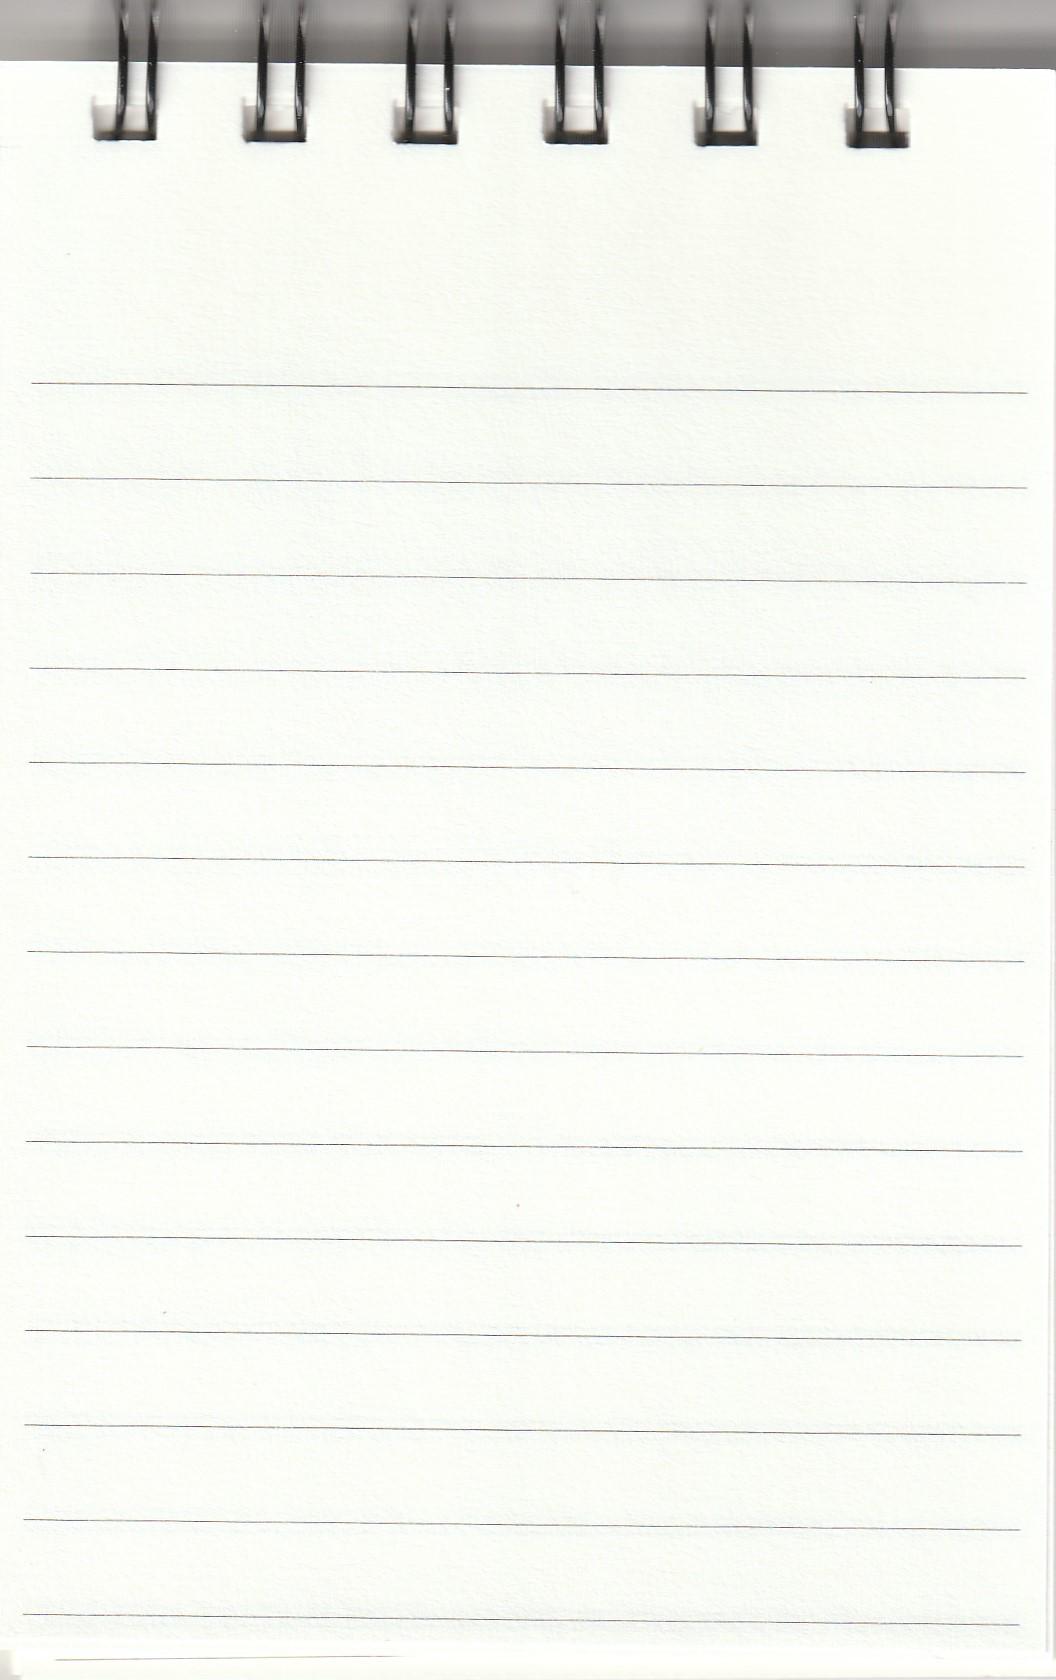 Ayush Paper Notepad A6 Liniert